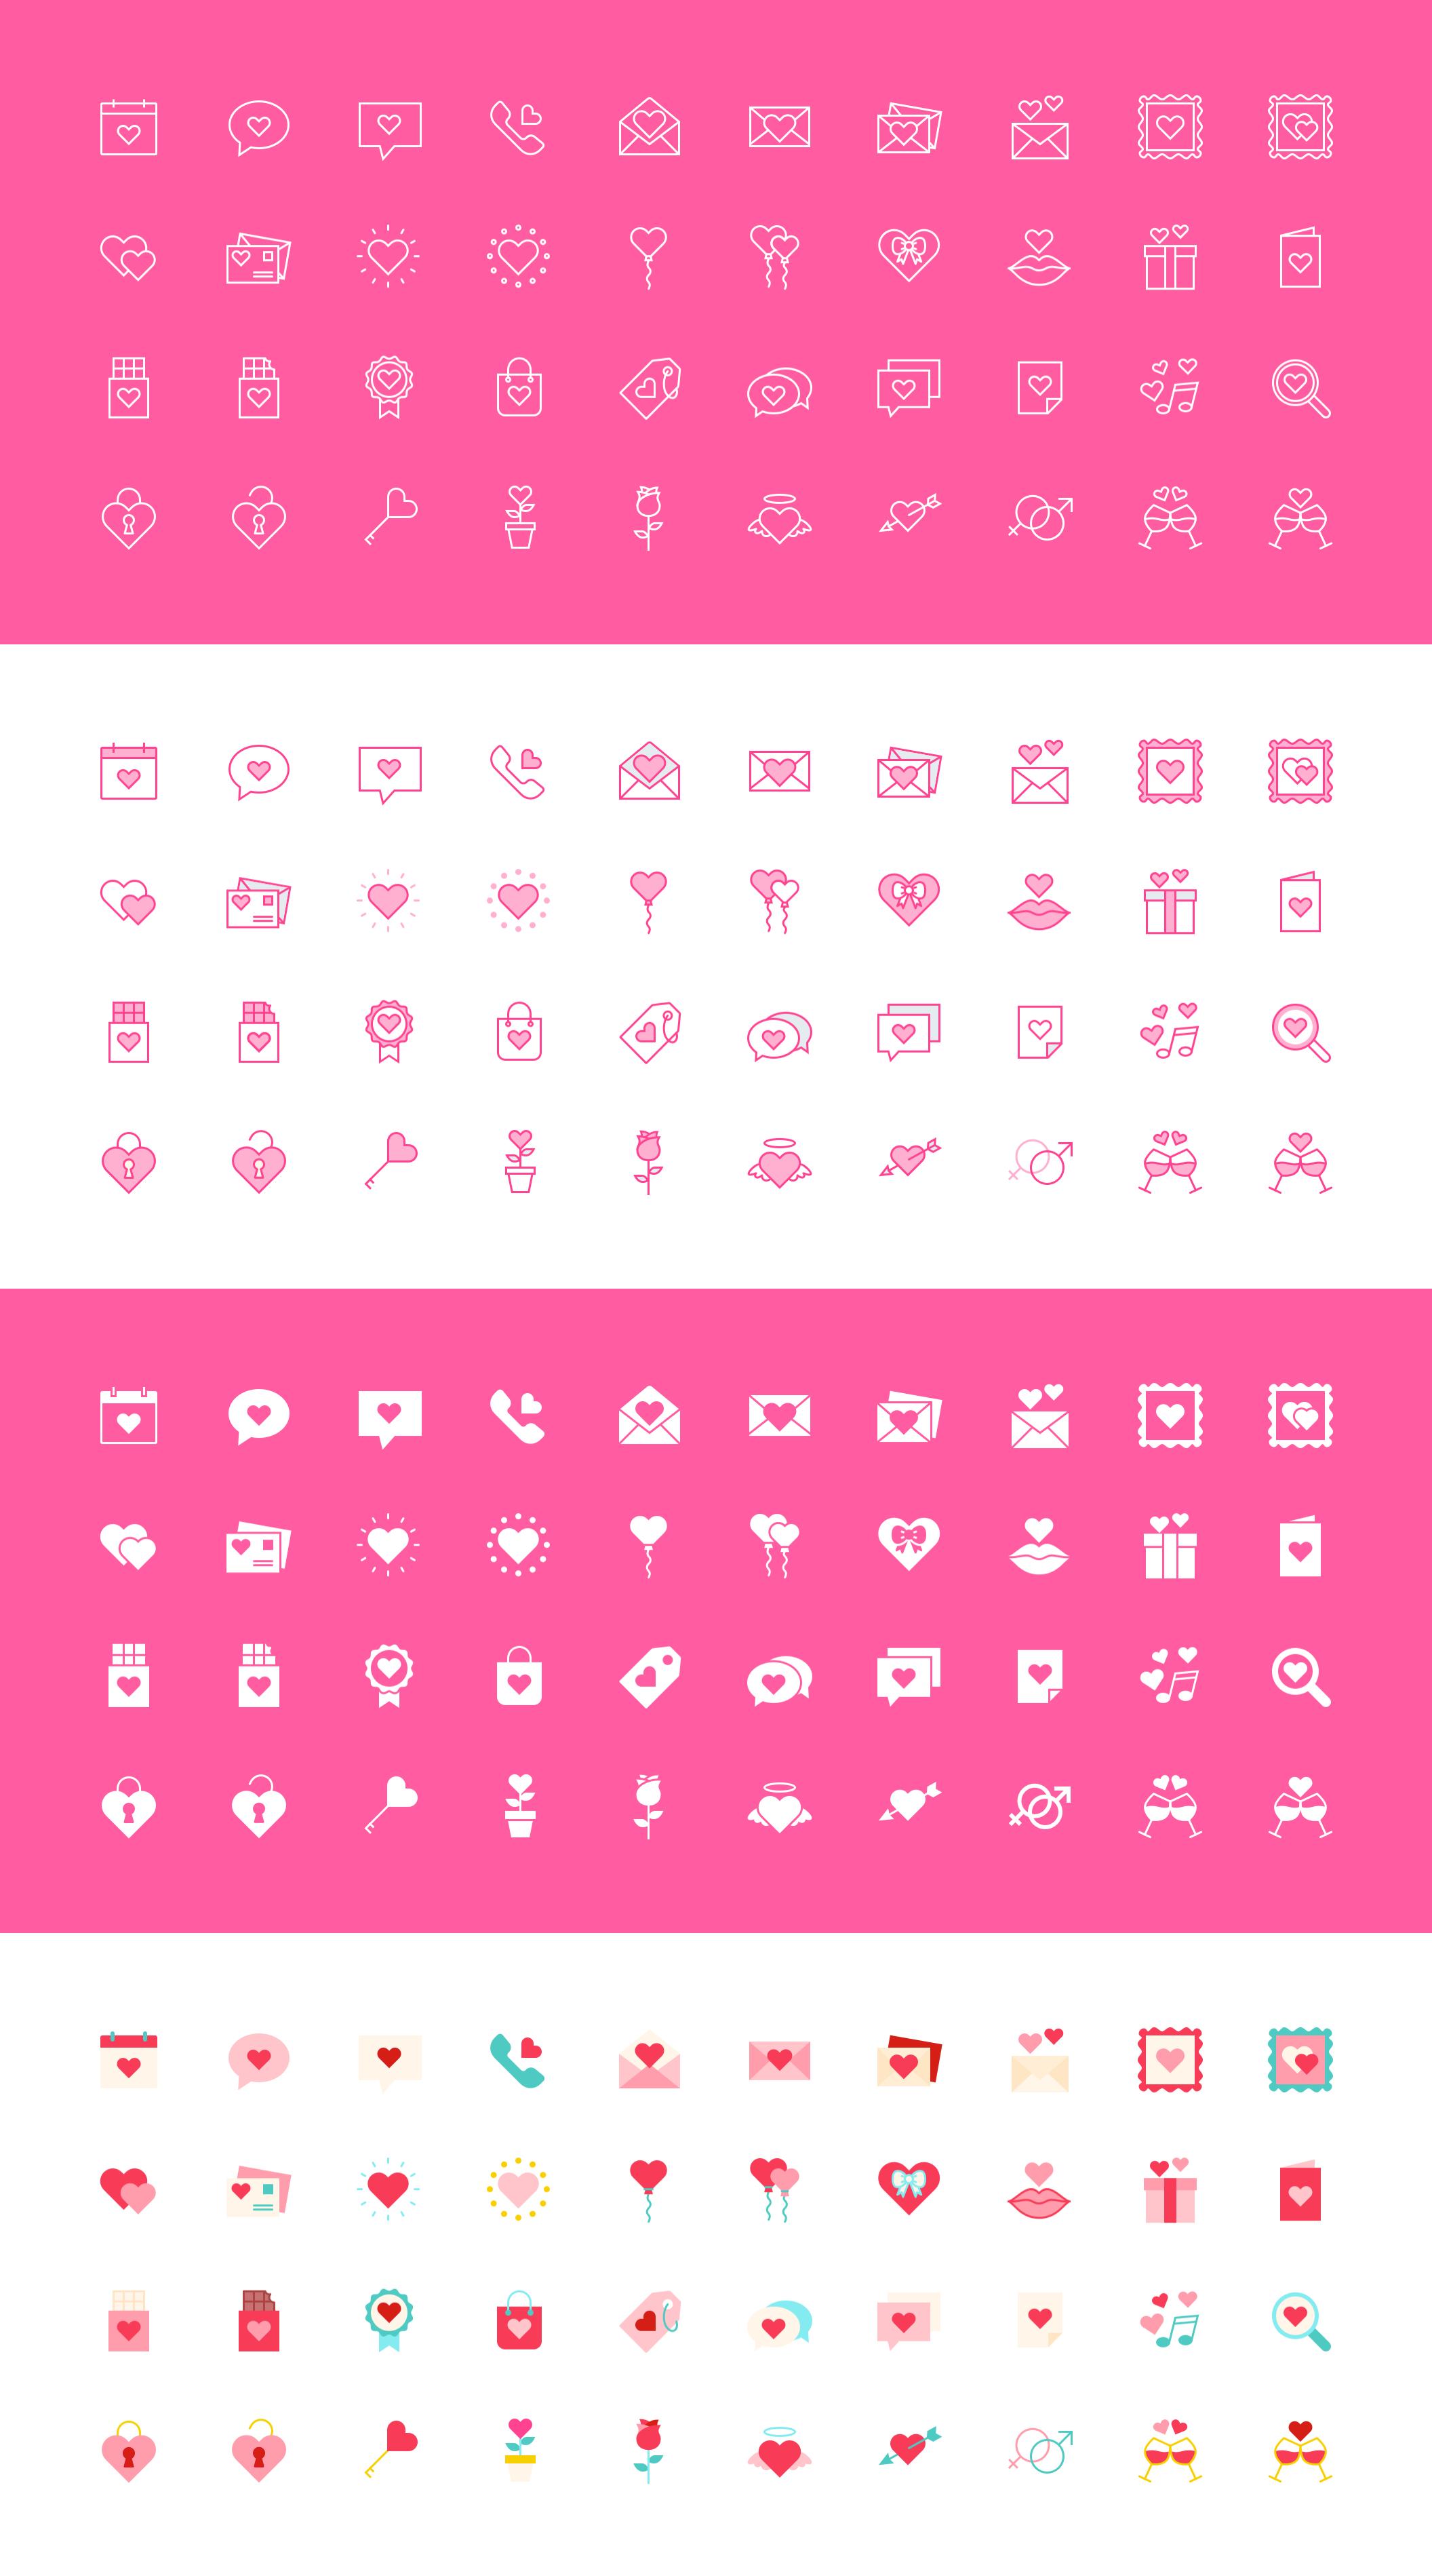 [VIP专享]200个可爱的情人节图标集.sketch素材下载 VIP图标-第1张